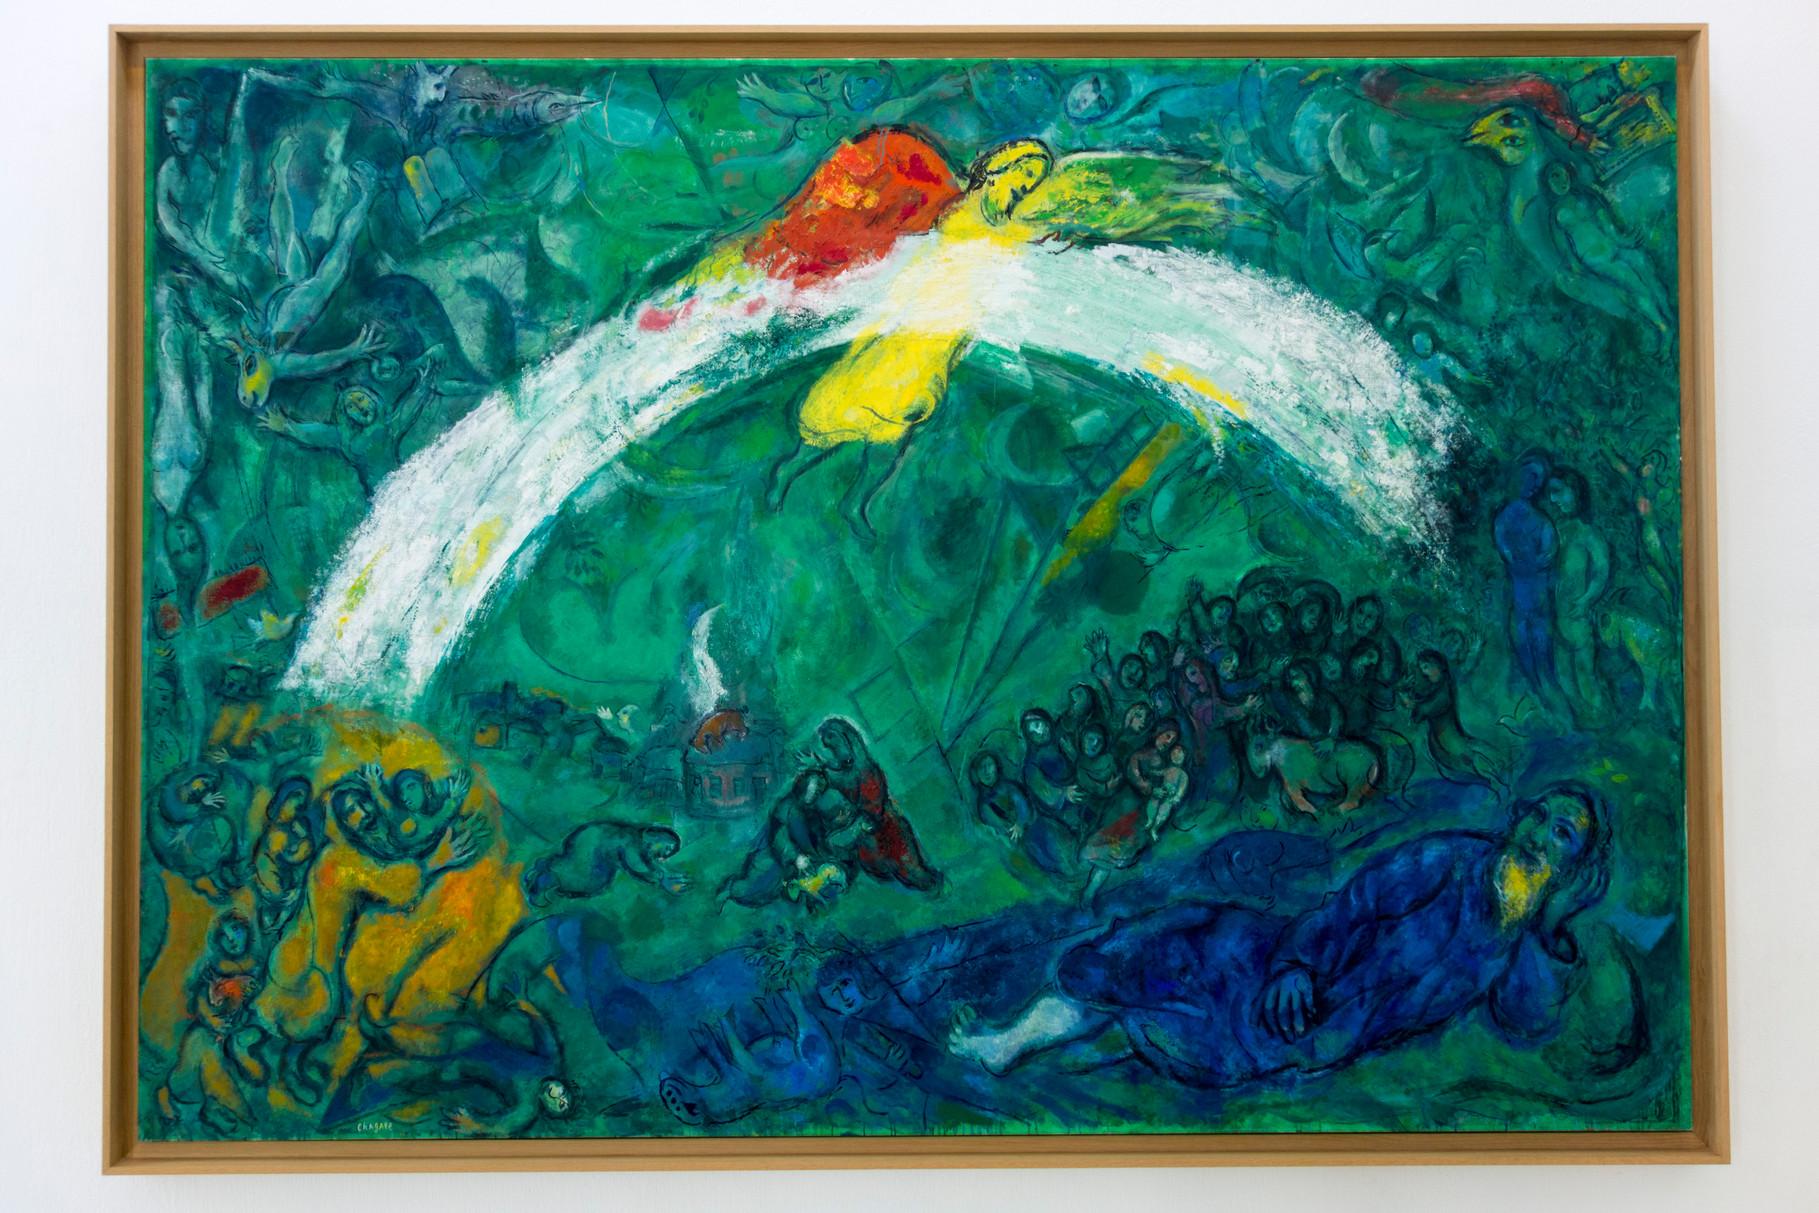 Noah und der Regenbogen, 1961-1966, Öl auf Leinwand